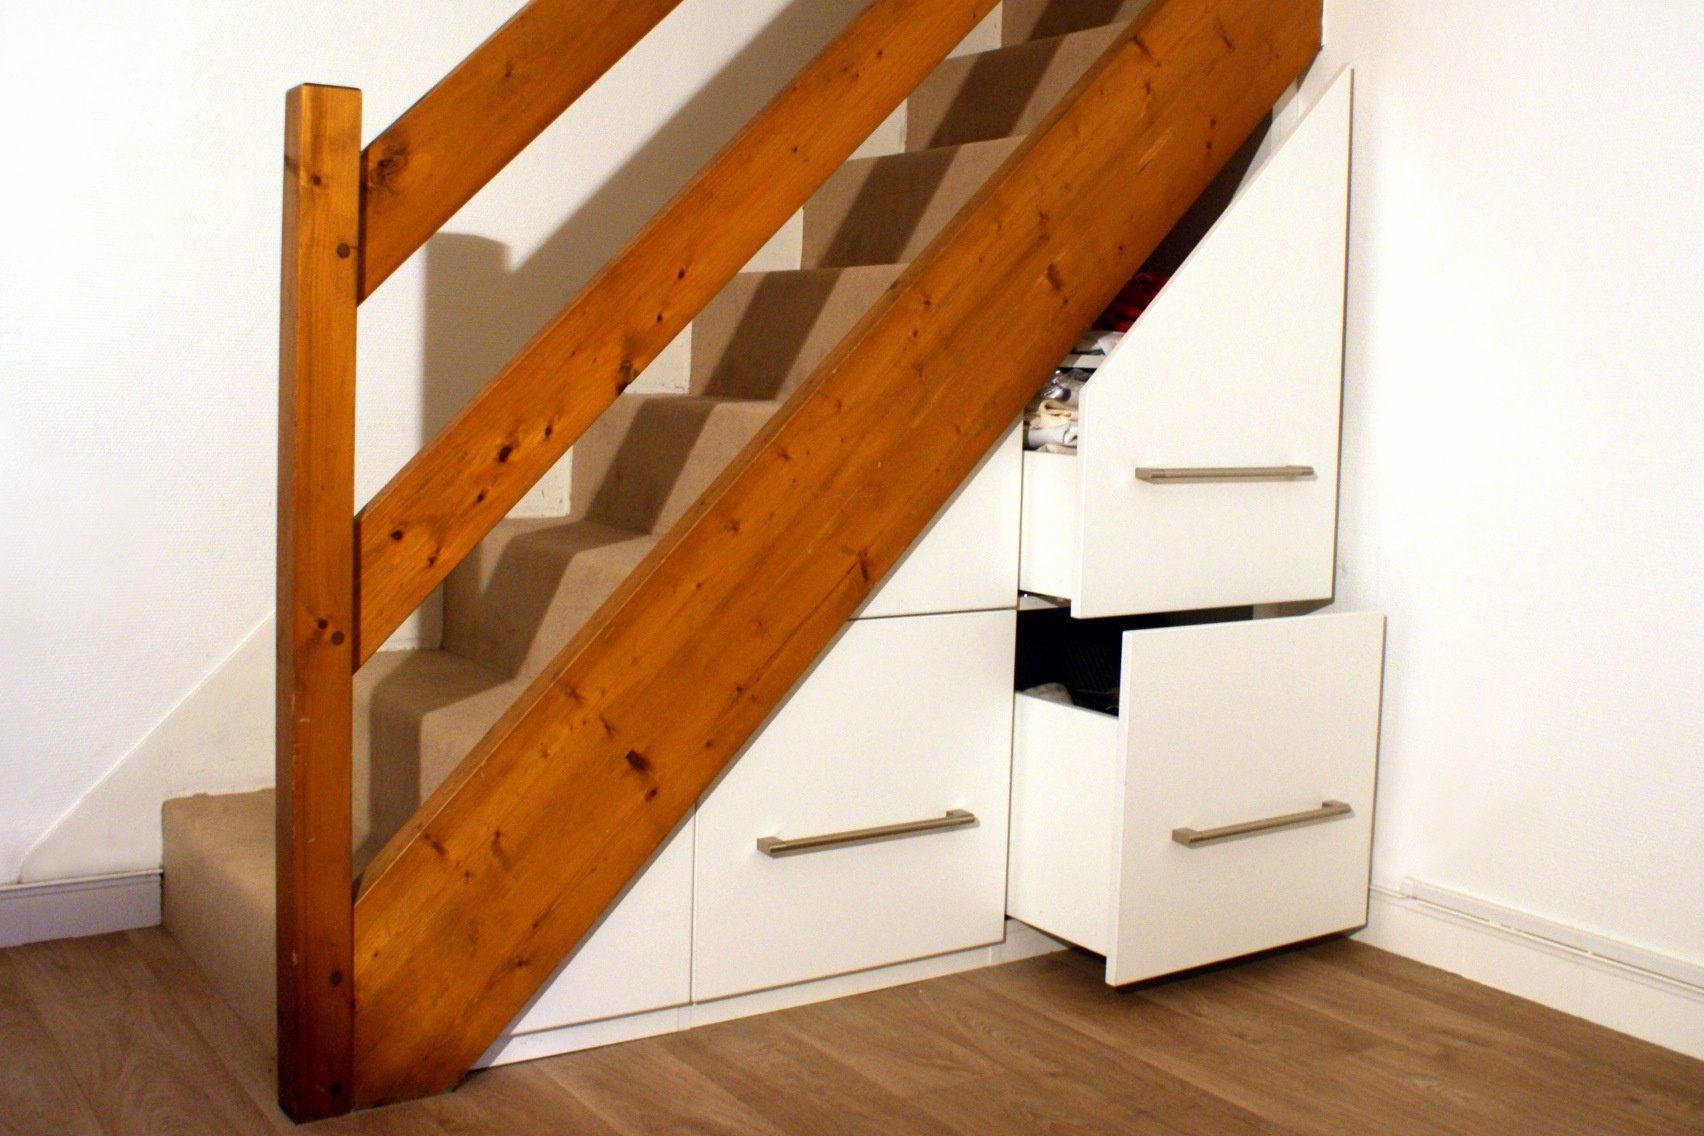 Lit Mezzanine Escalier Inspiré 26 Impressionnant Meubles En Escalier